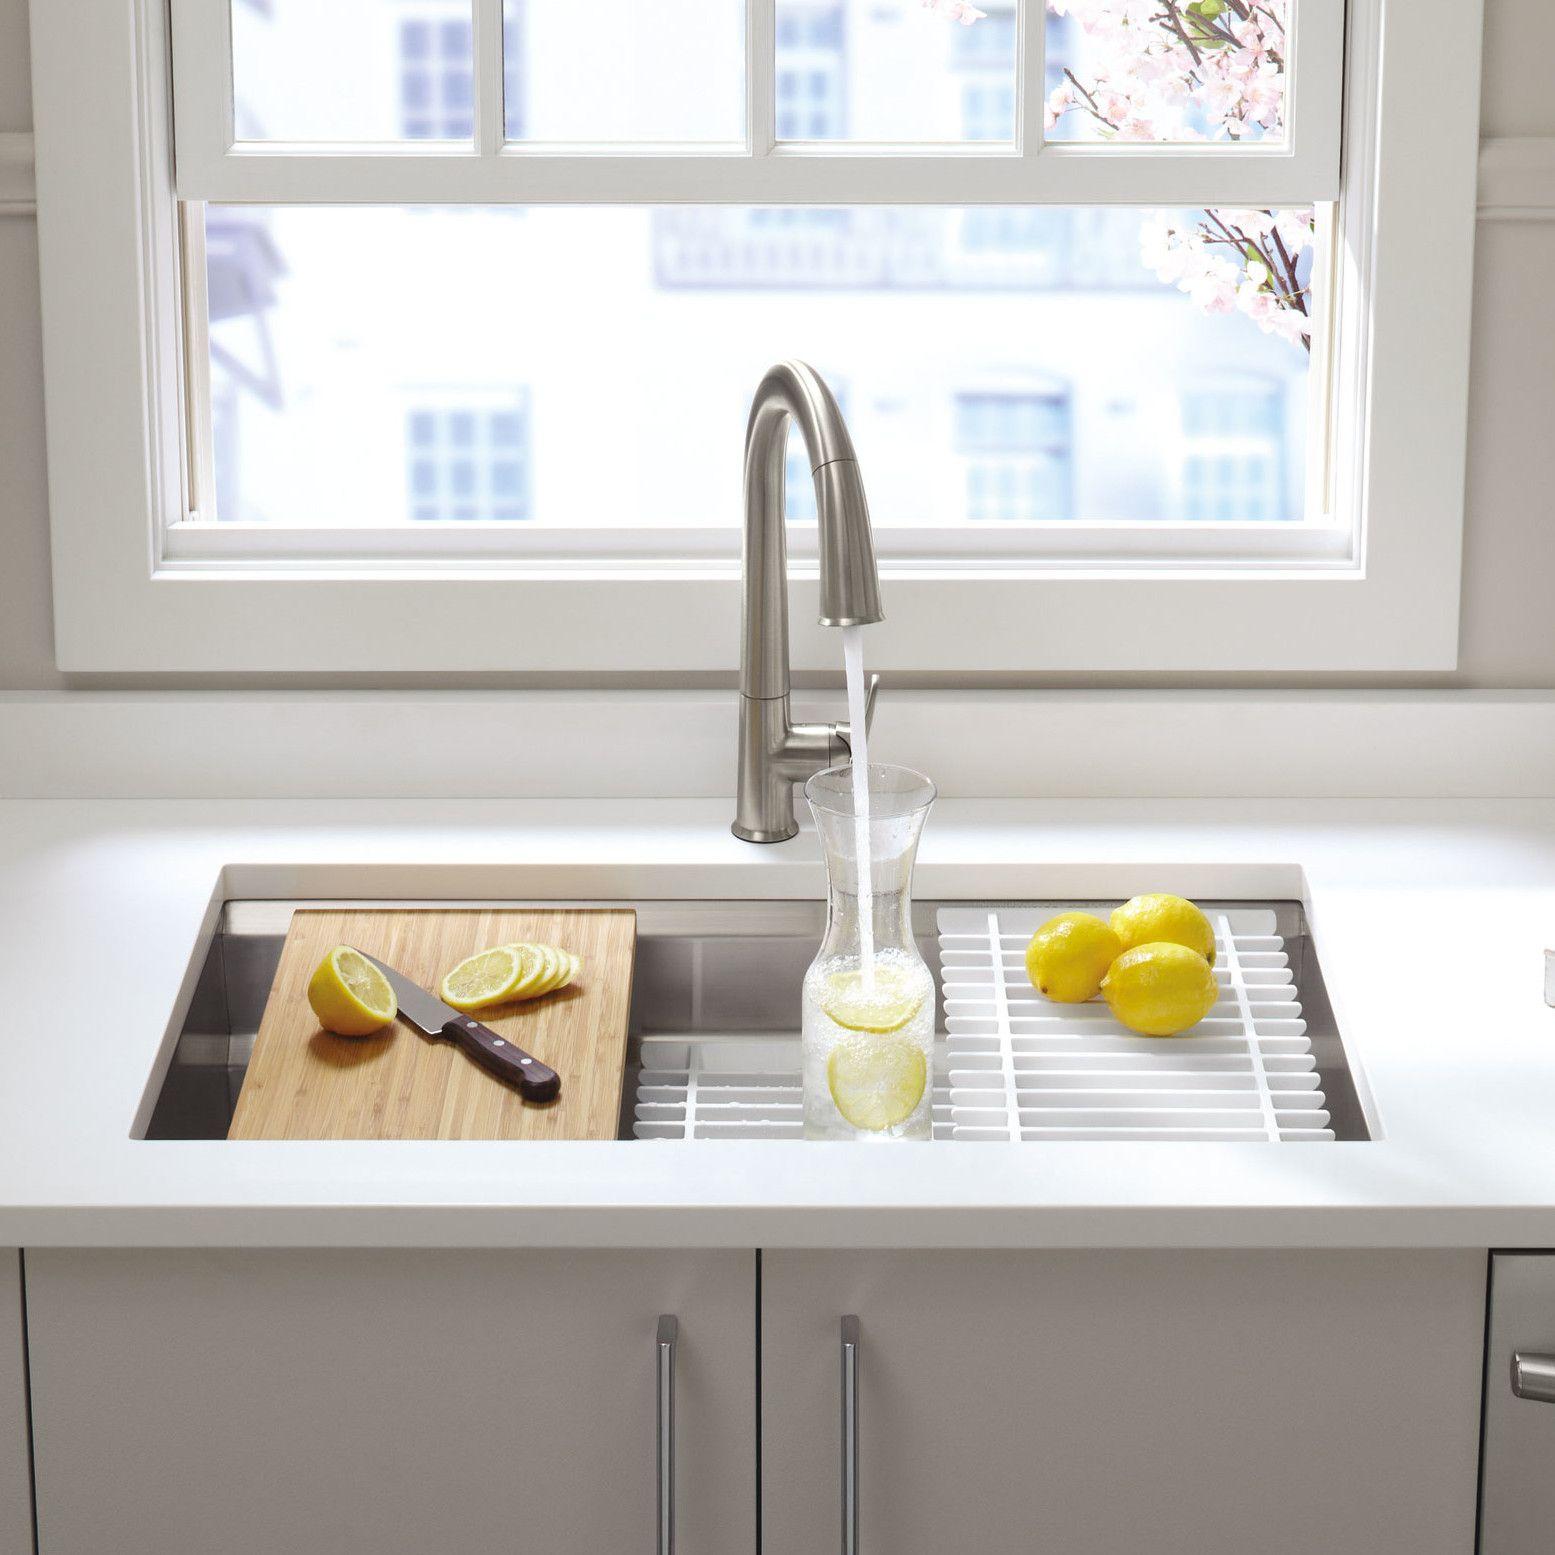 Prolific 33 L X 17 3 4 W X 11 Undermount Single Bowl Kitchen Sink With Accessories Single Bowl Kitchen Sink Undermount Kitchen Sinks Kitchen Sink Accessories